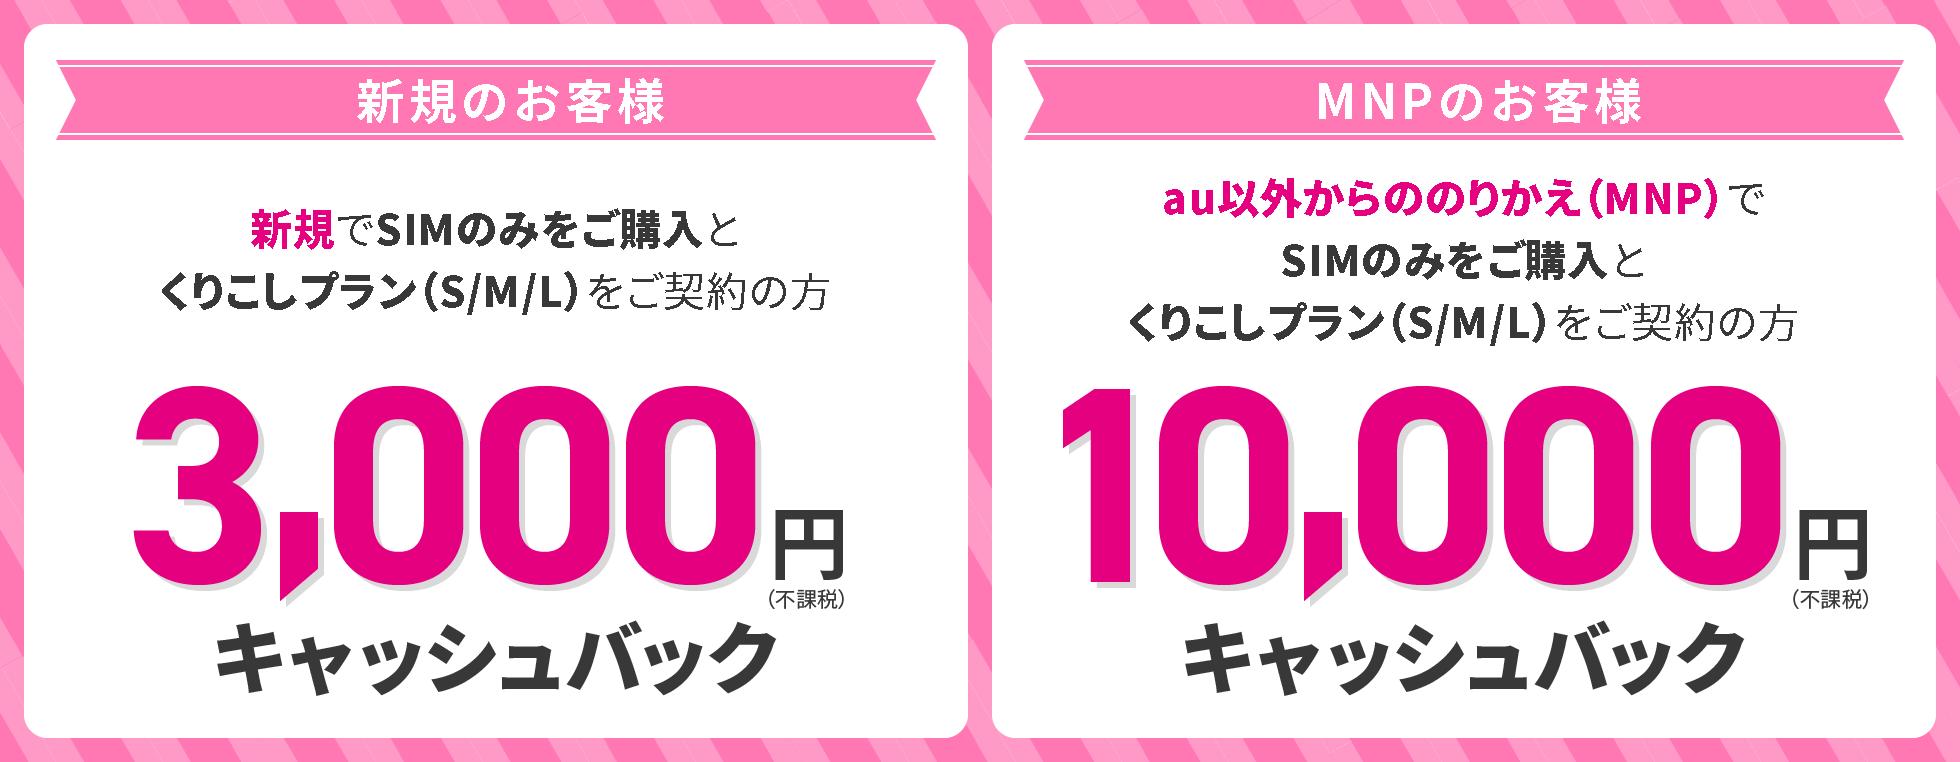 新規だと3,000円/MNPだと10,000円キャッシュバック!